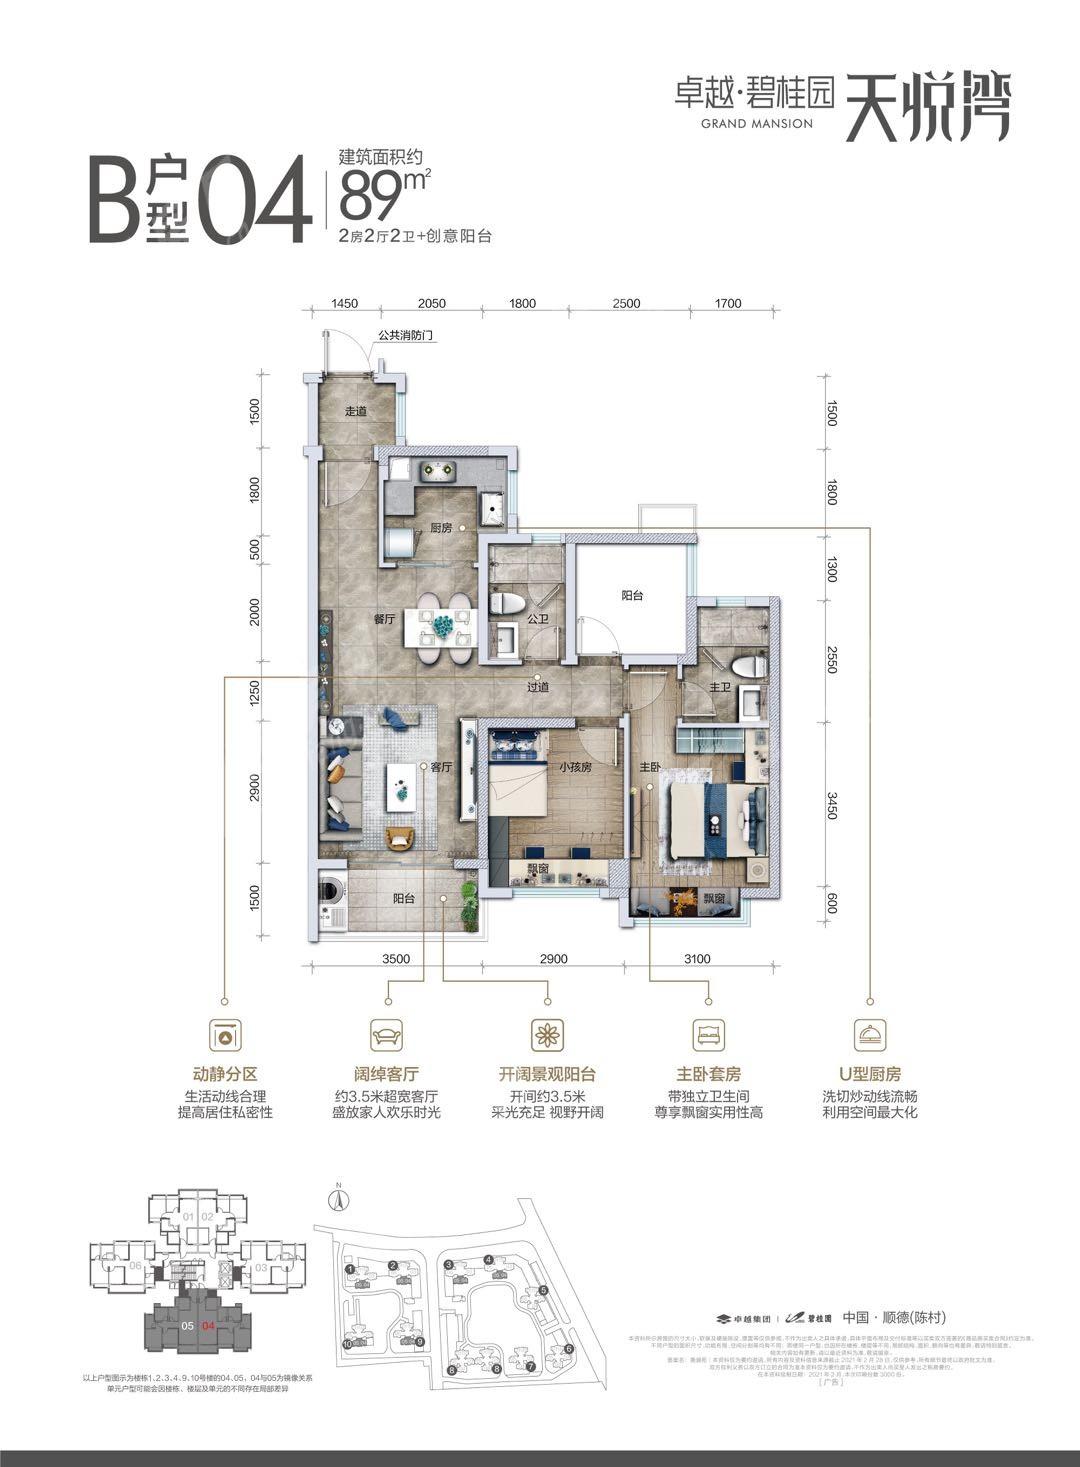 碧桂園天悅灣(新房)新房B戶型 2室2廳2衛戶型圖